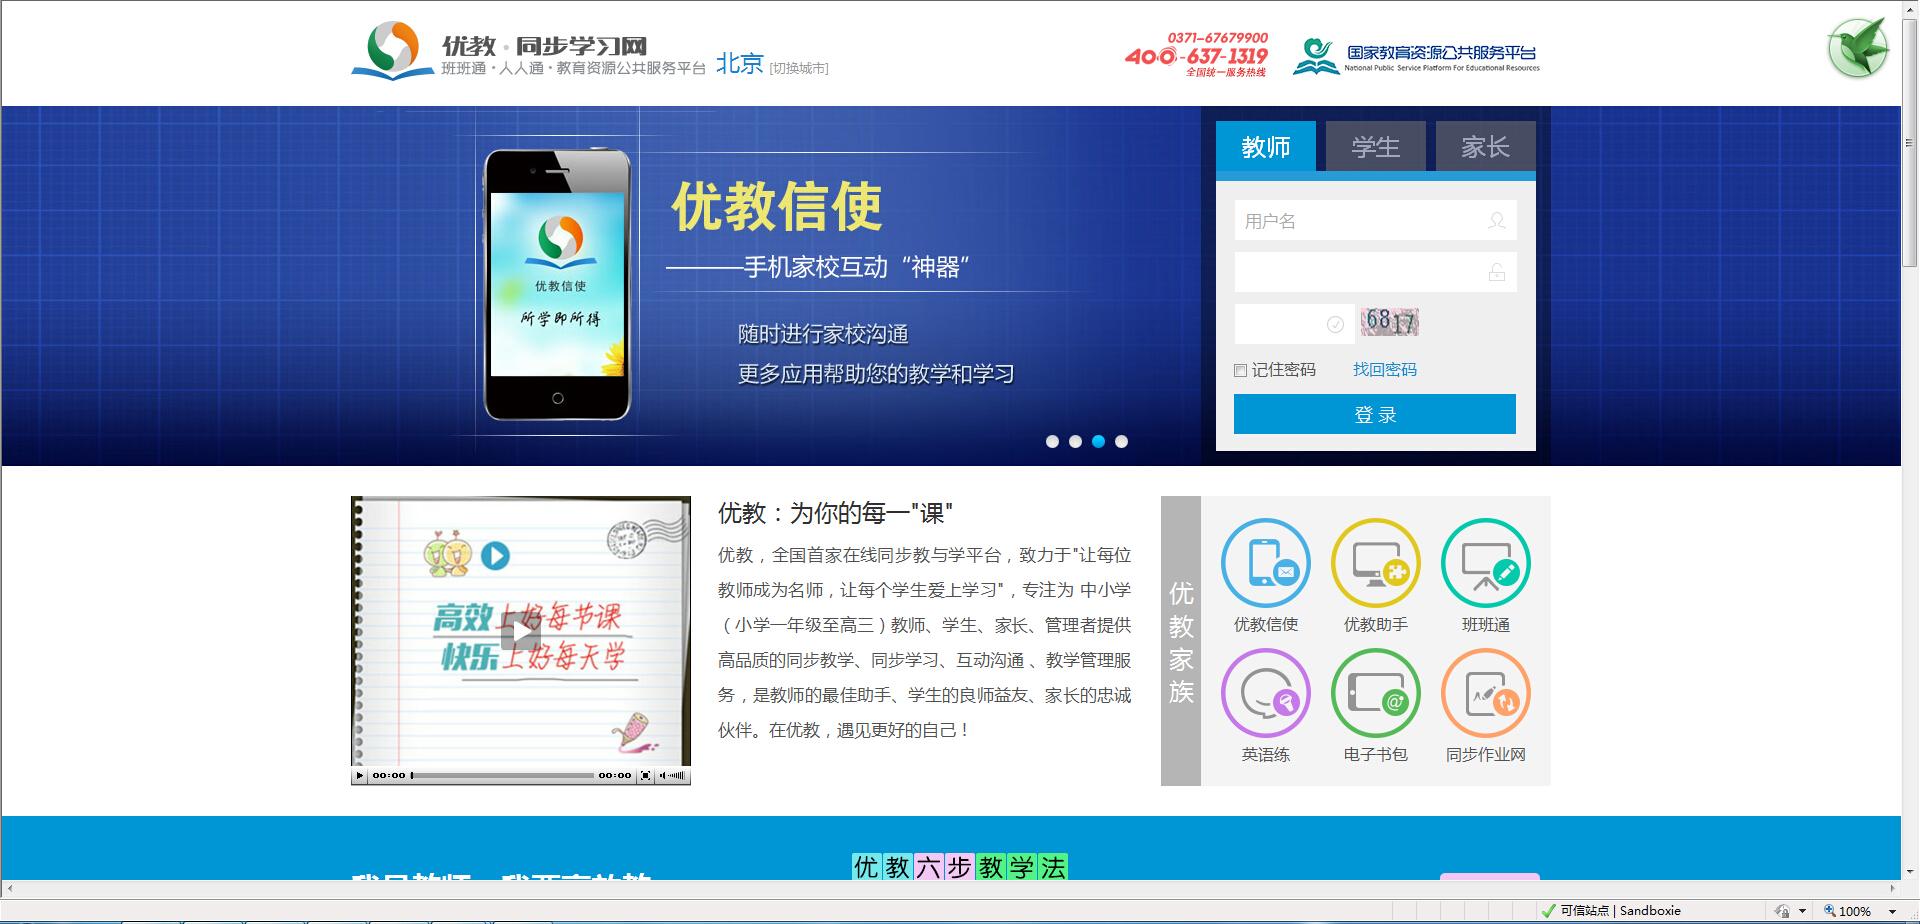 宇博文档管理软件V2.1.1.1 绿色版